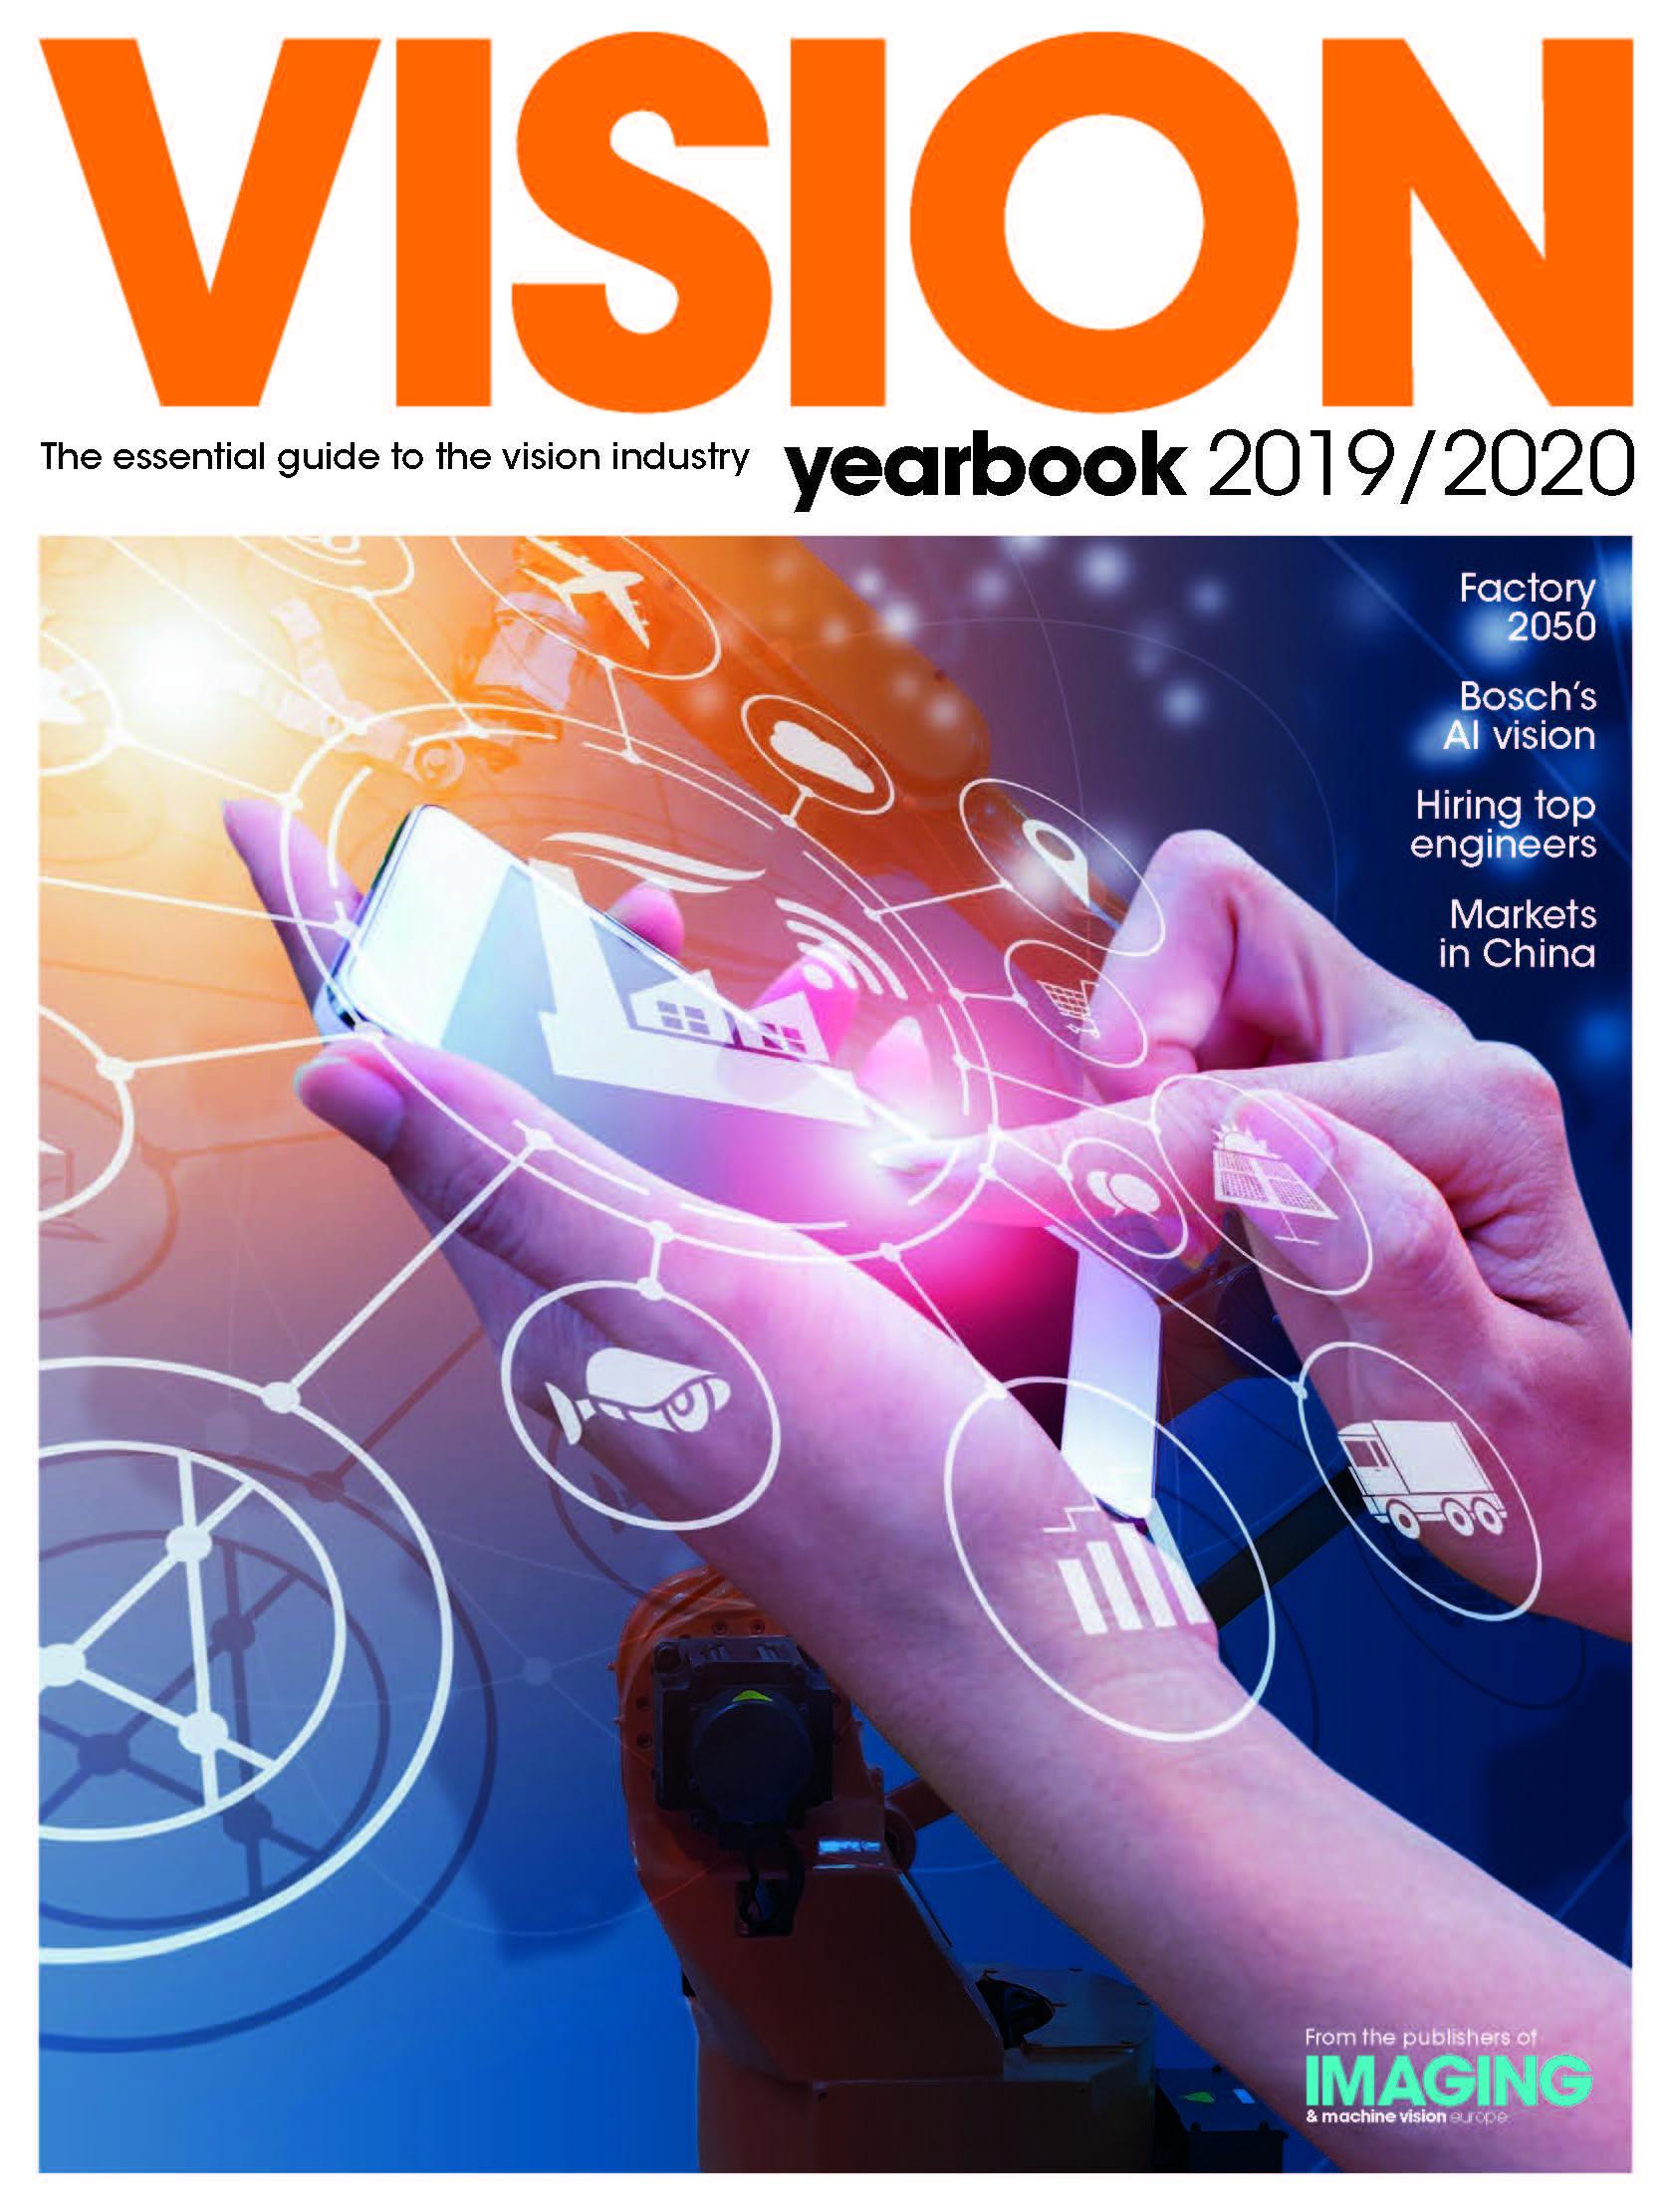 VisionYearbook19/20